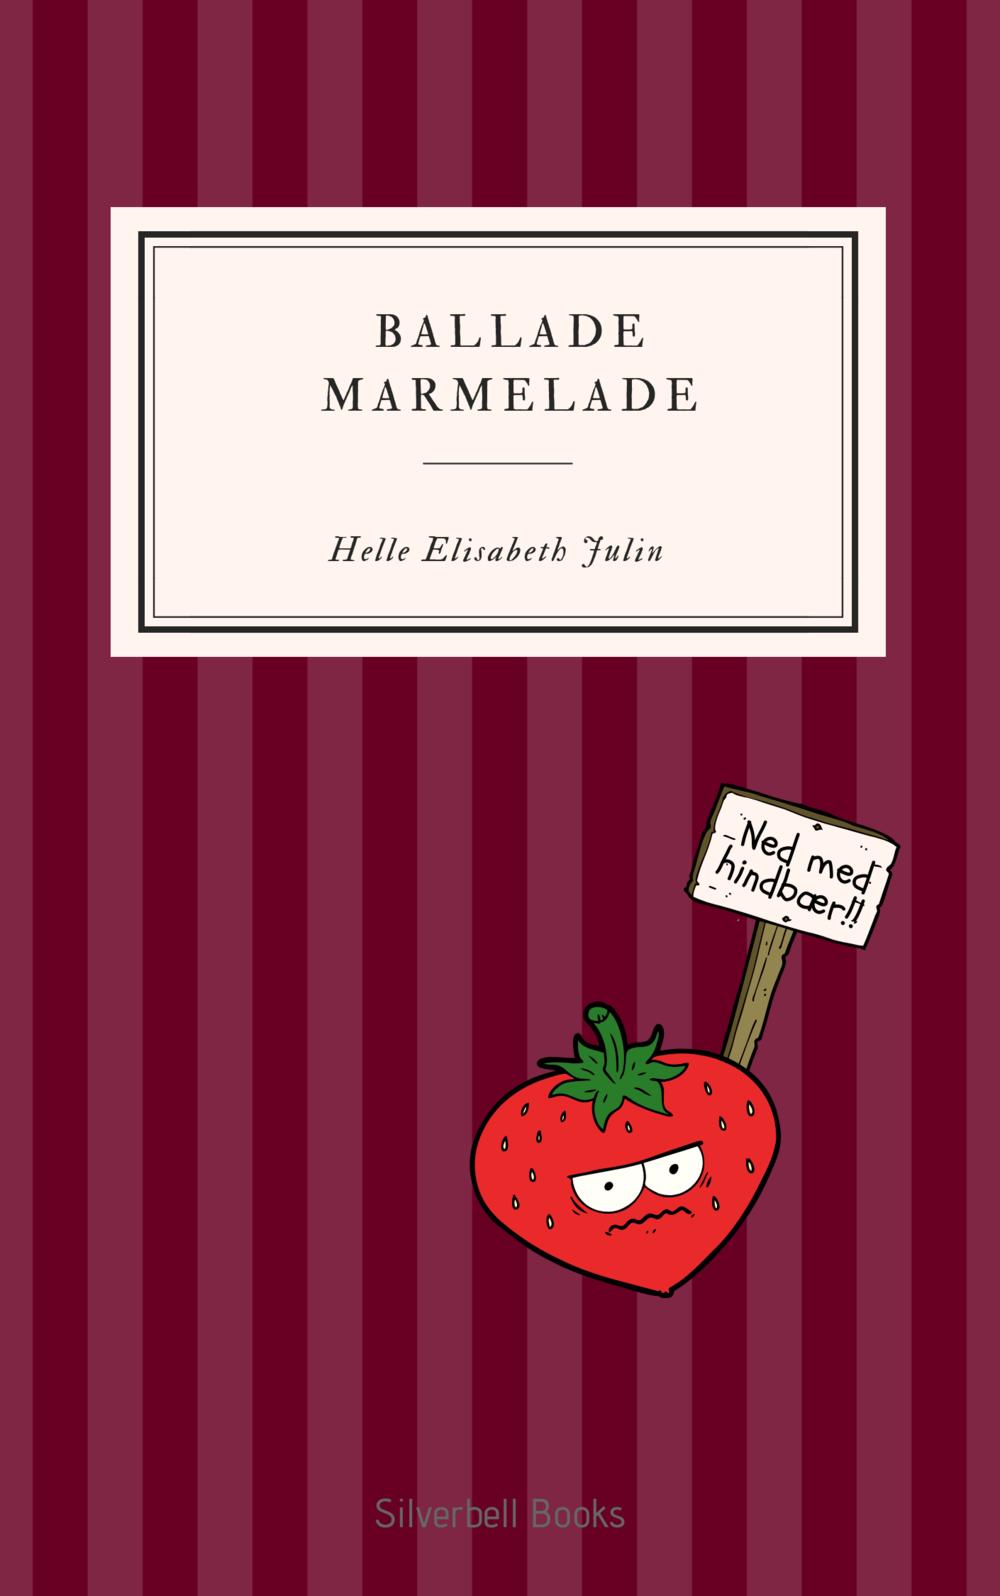 Ballade marmelade